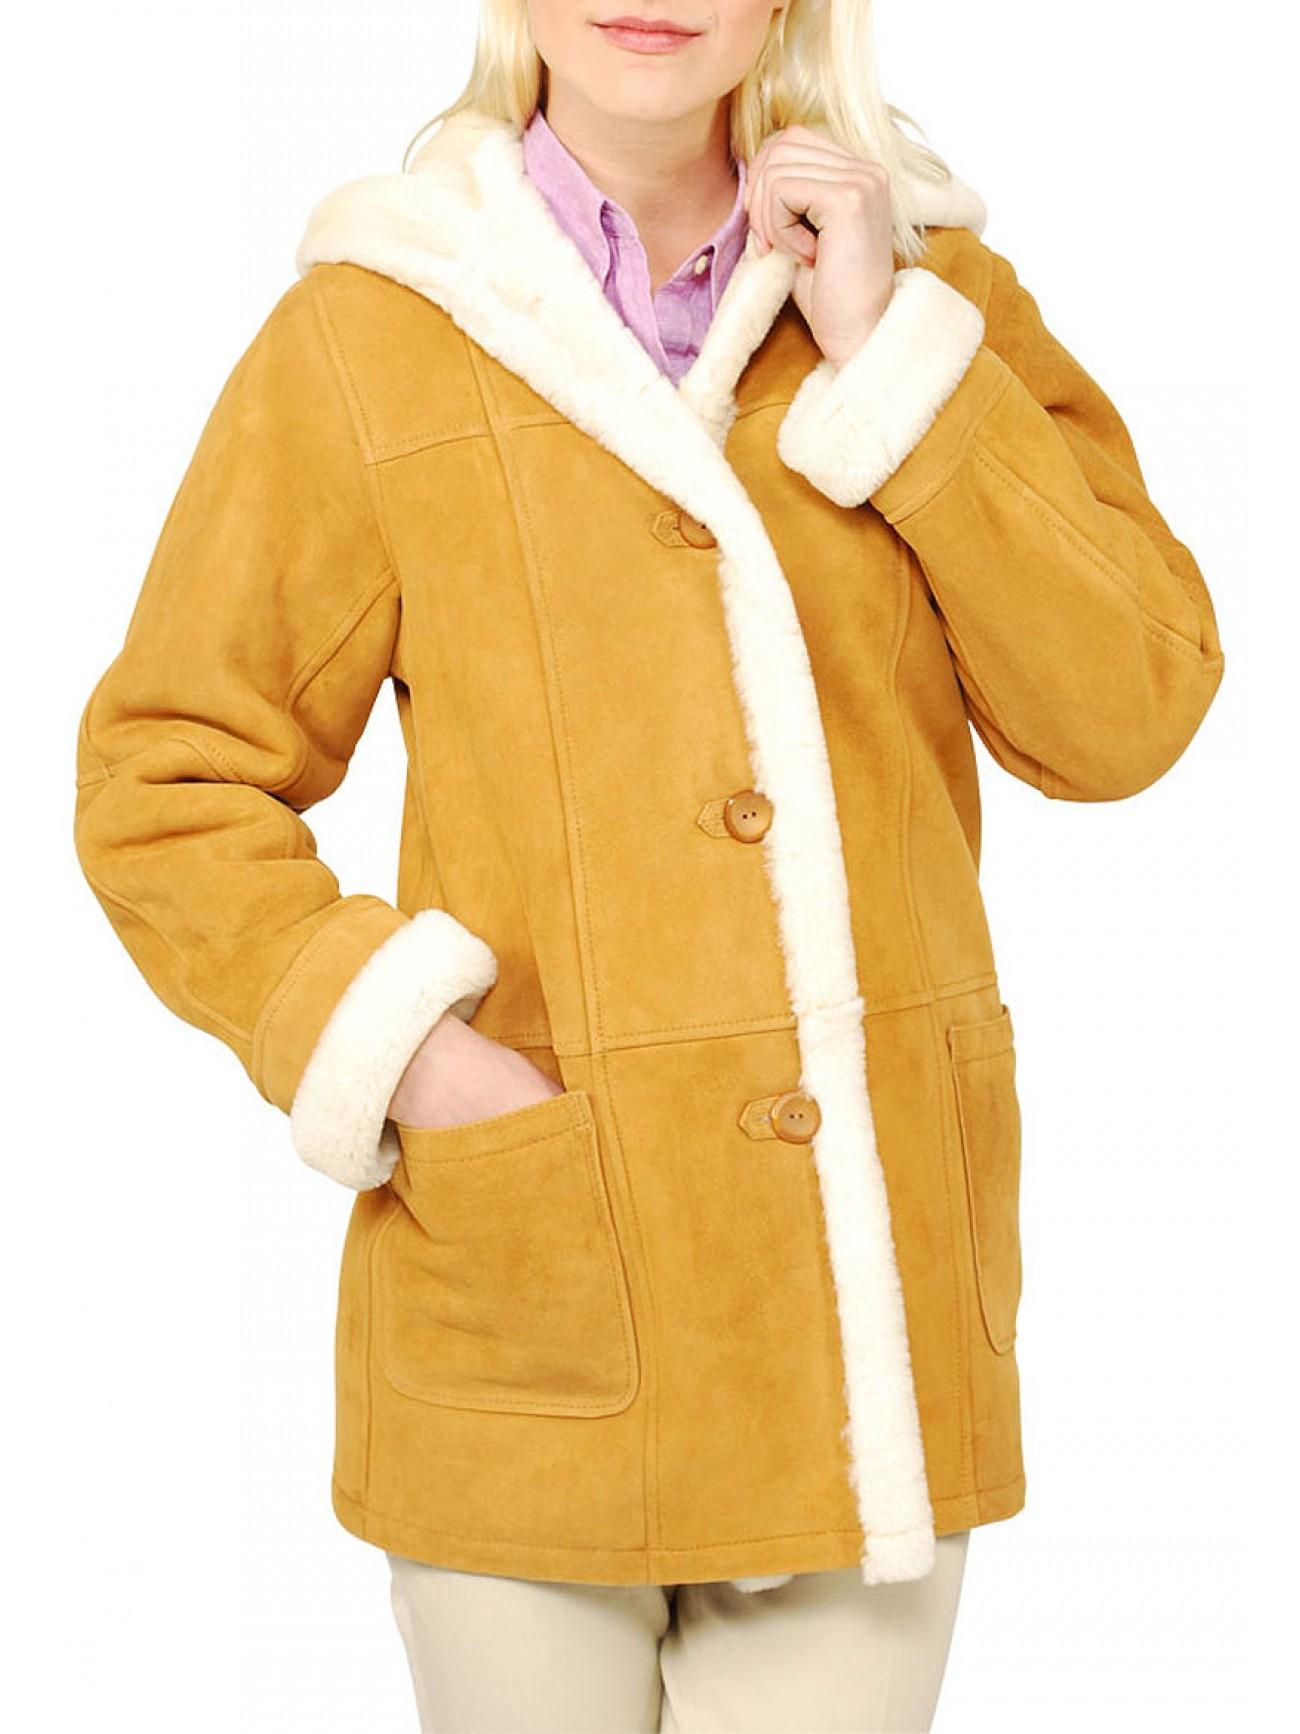 Sheepskin coat women